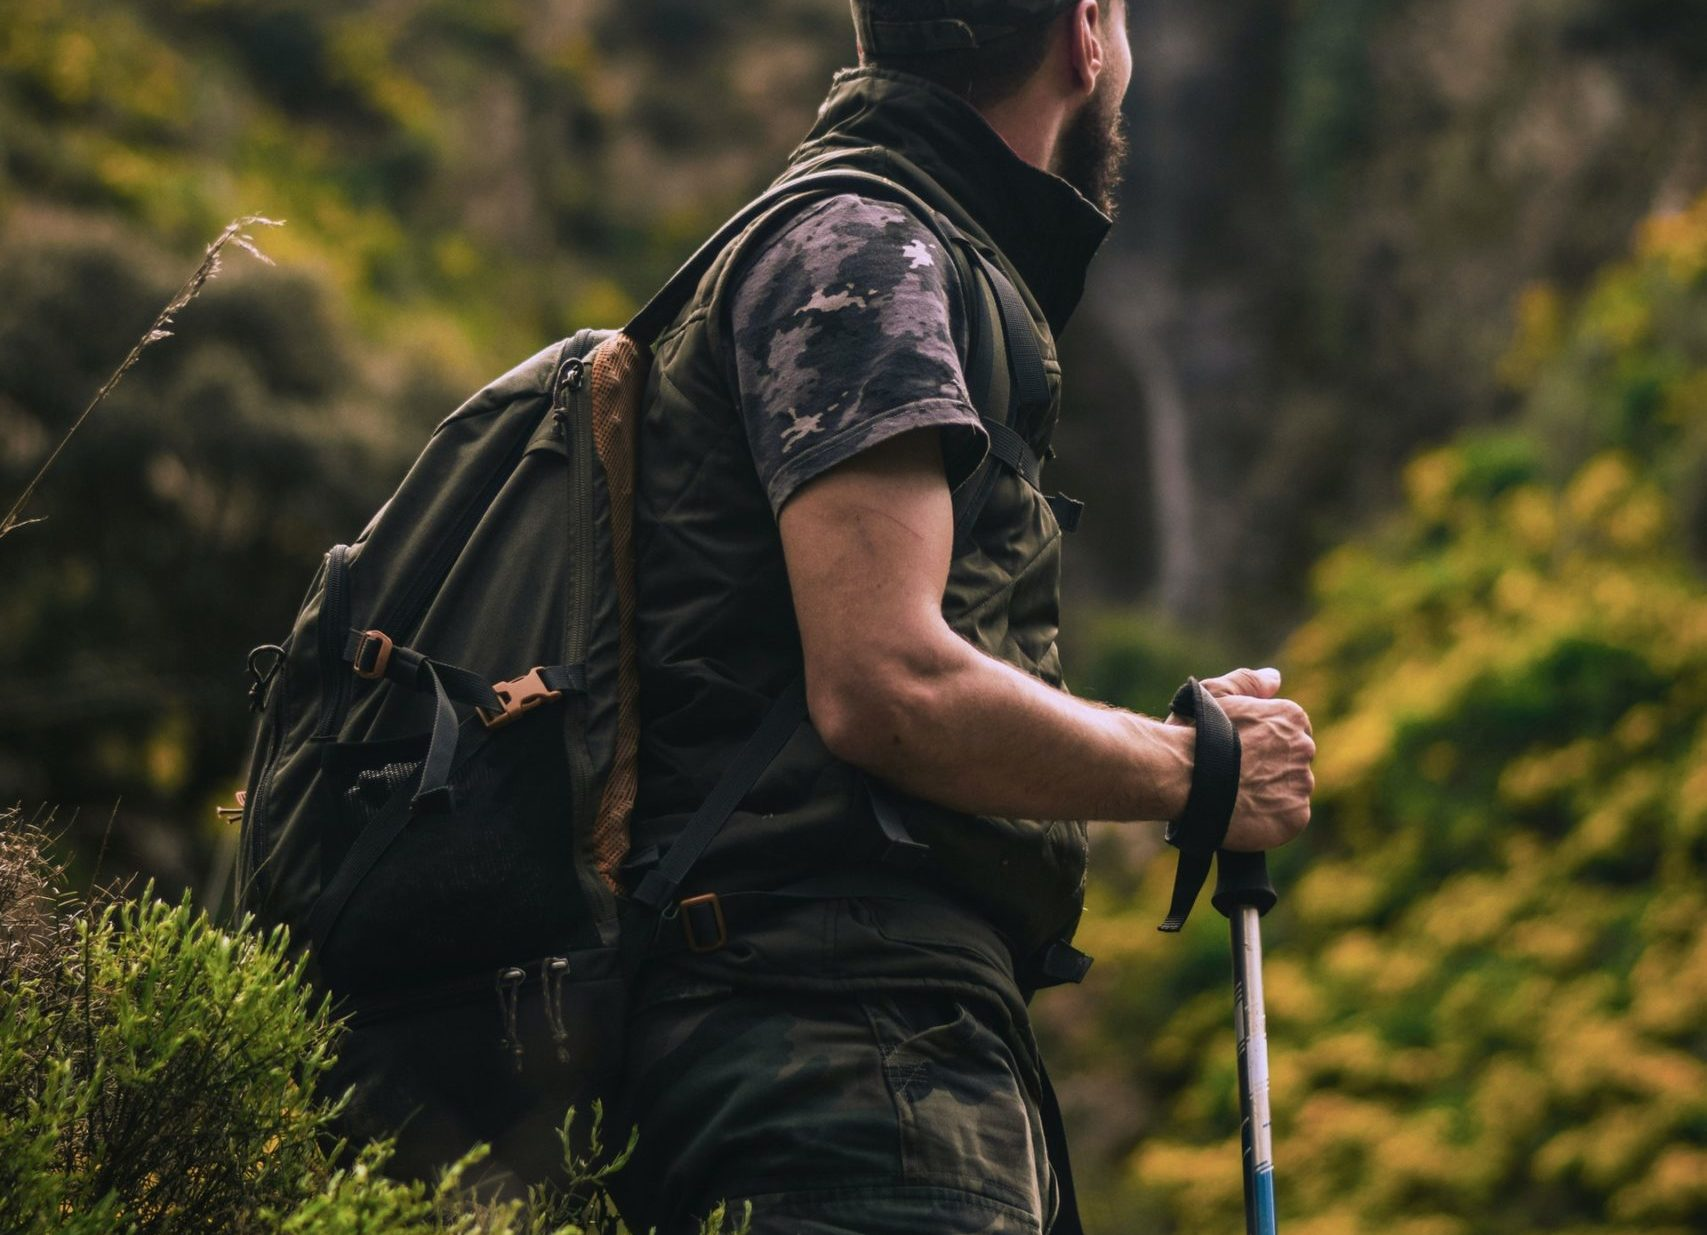 В Сочи нашли двух подростков, которые потерялись в горах три дня назад (видео)